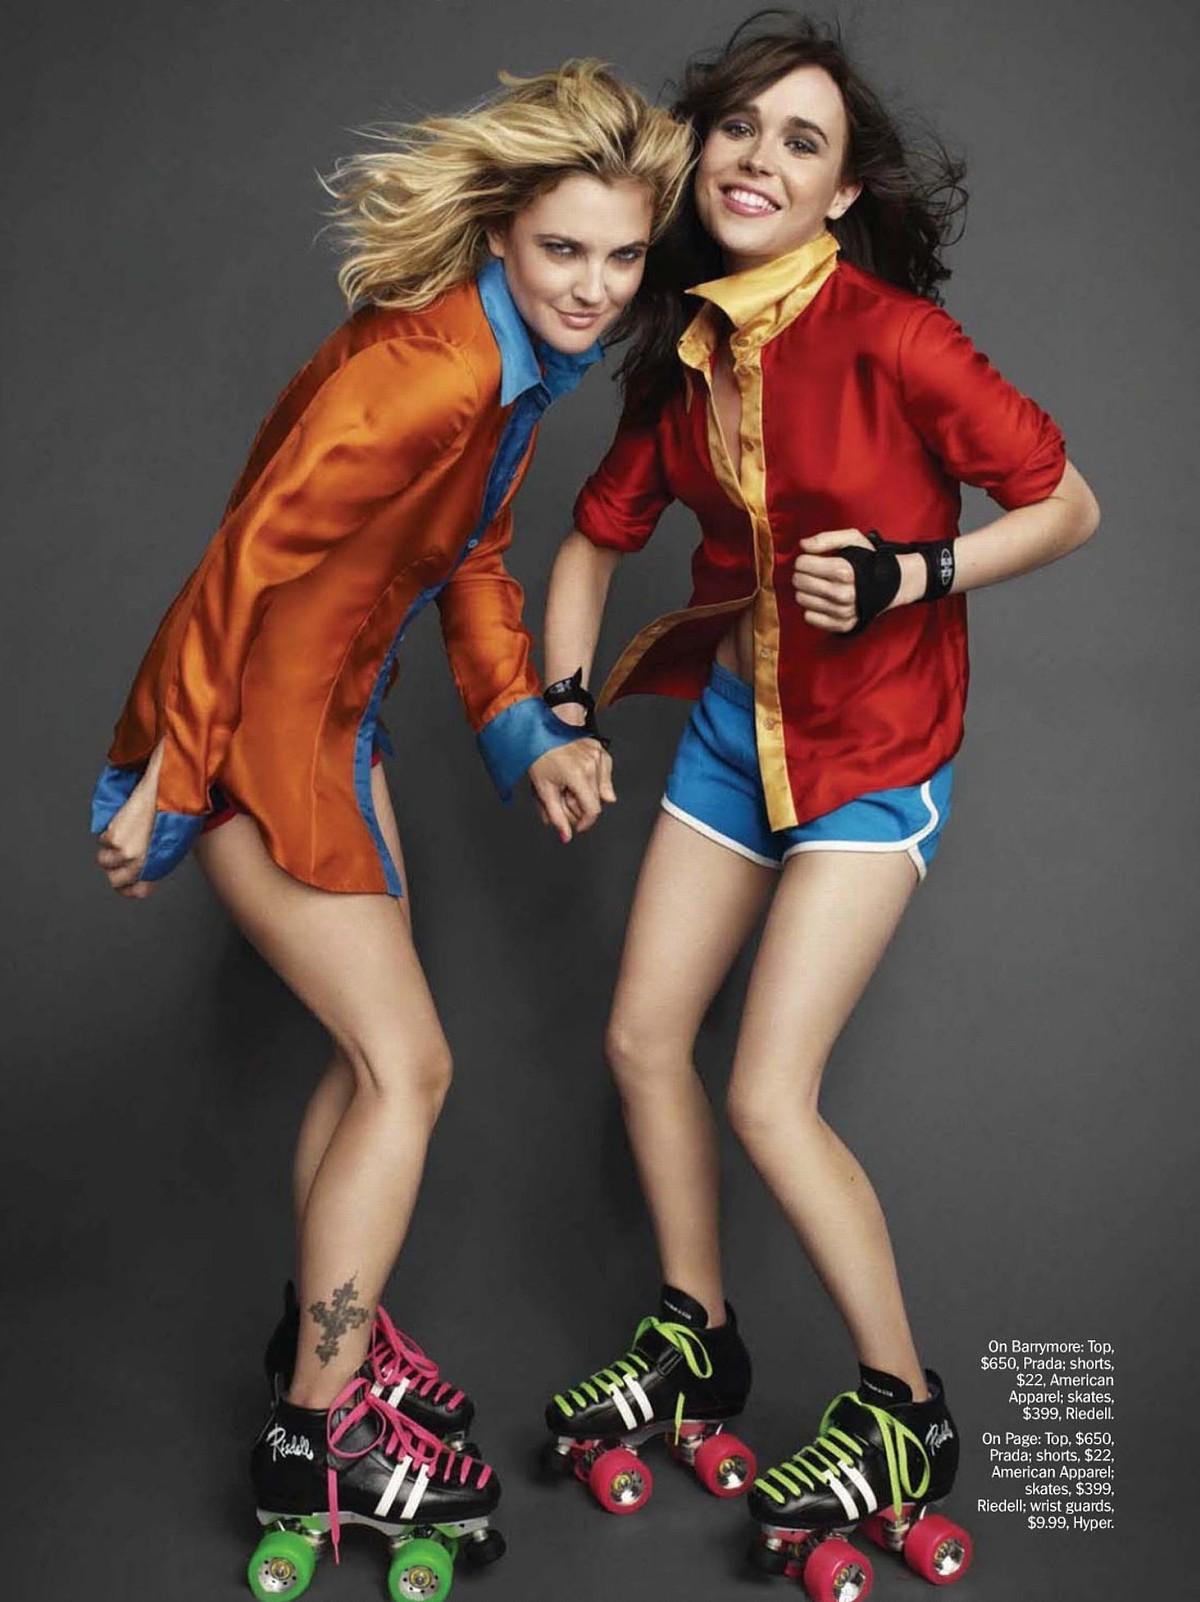 Drew Barrymore x Ellen Page